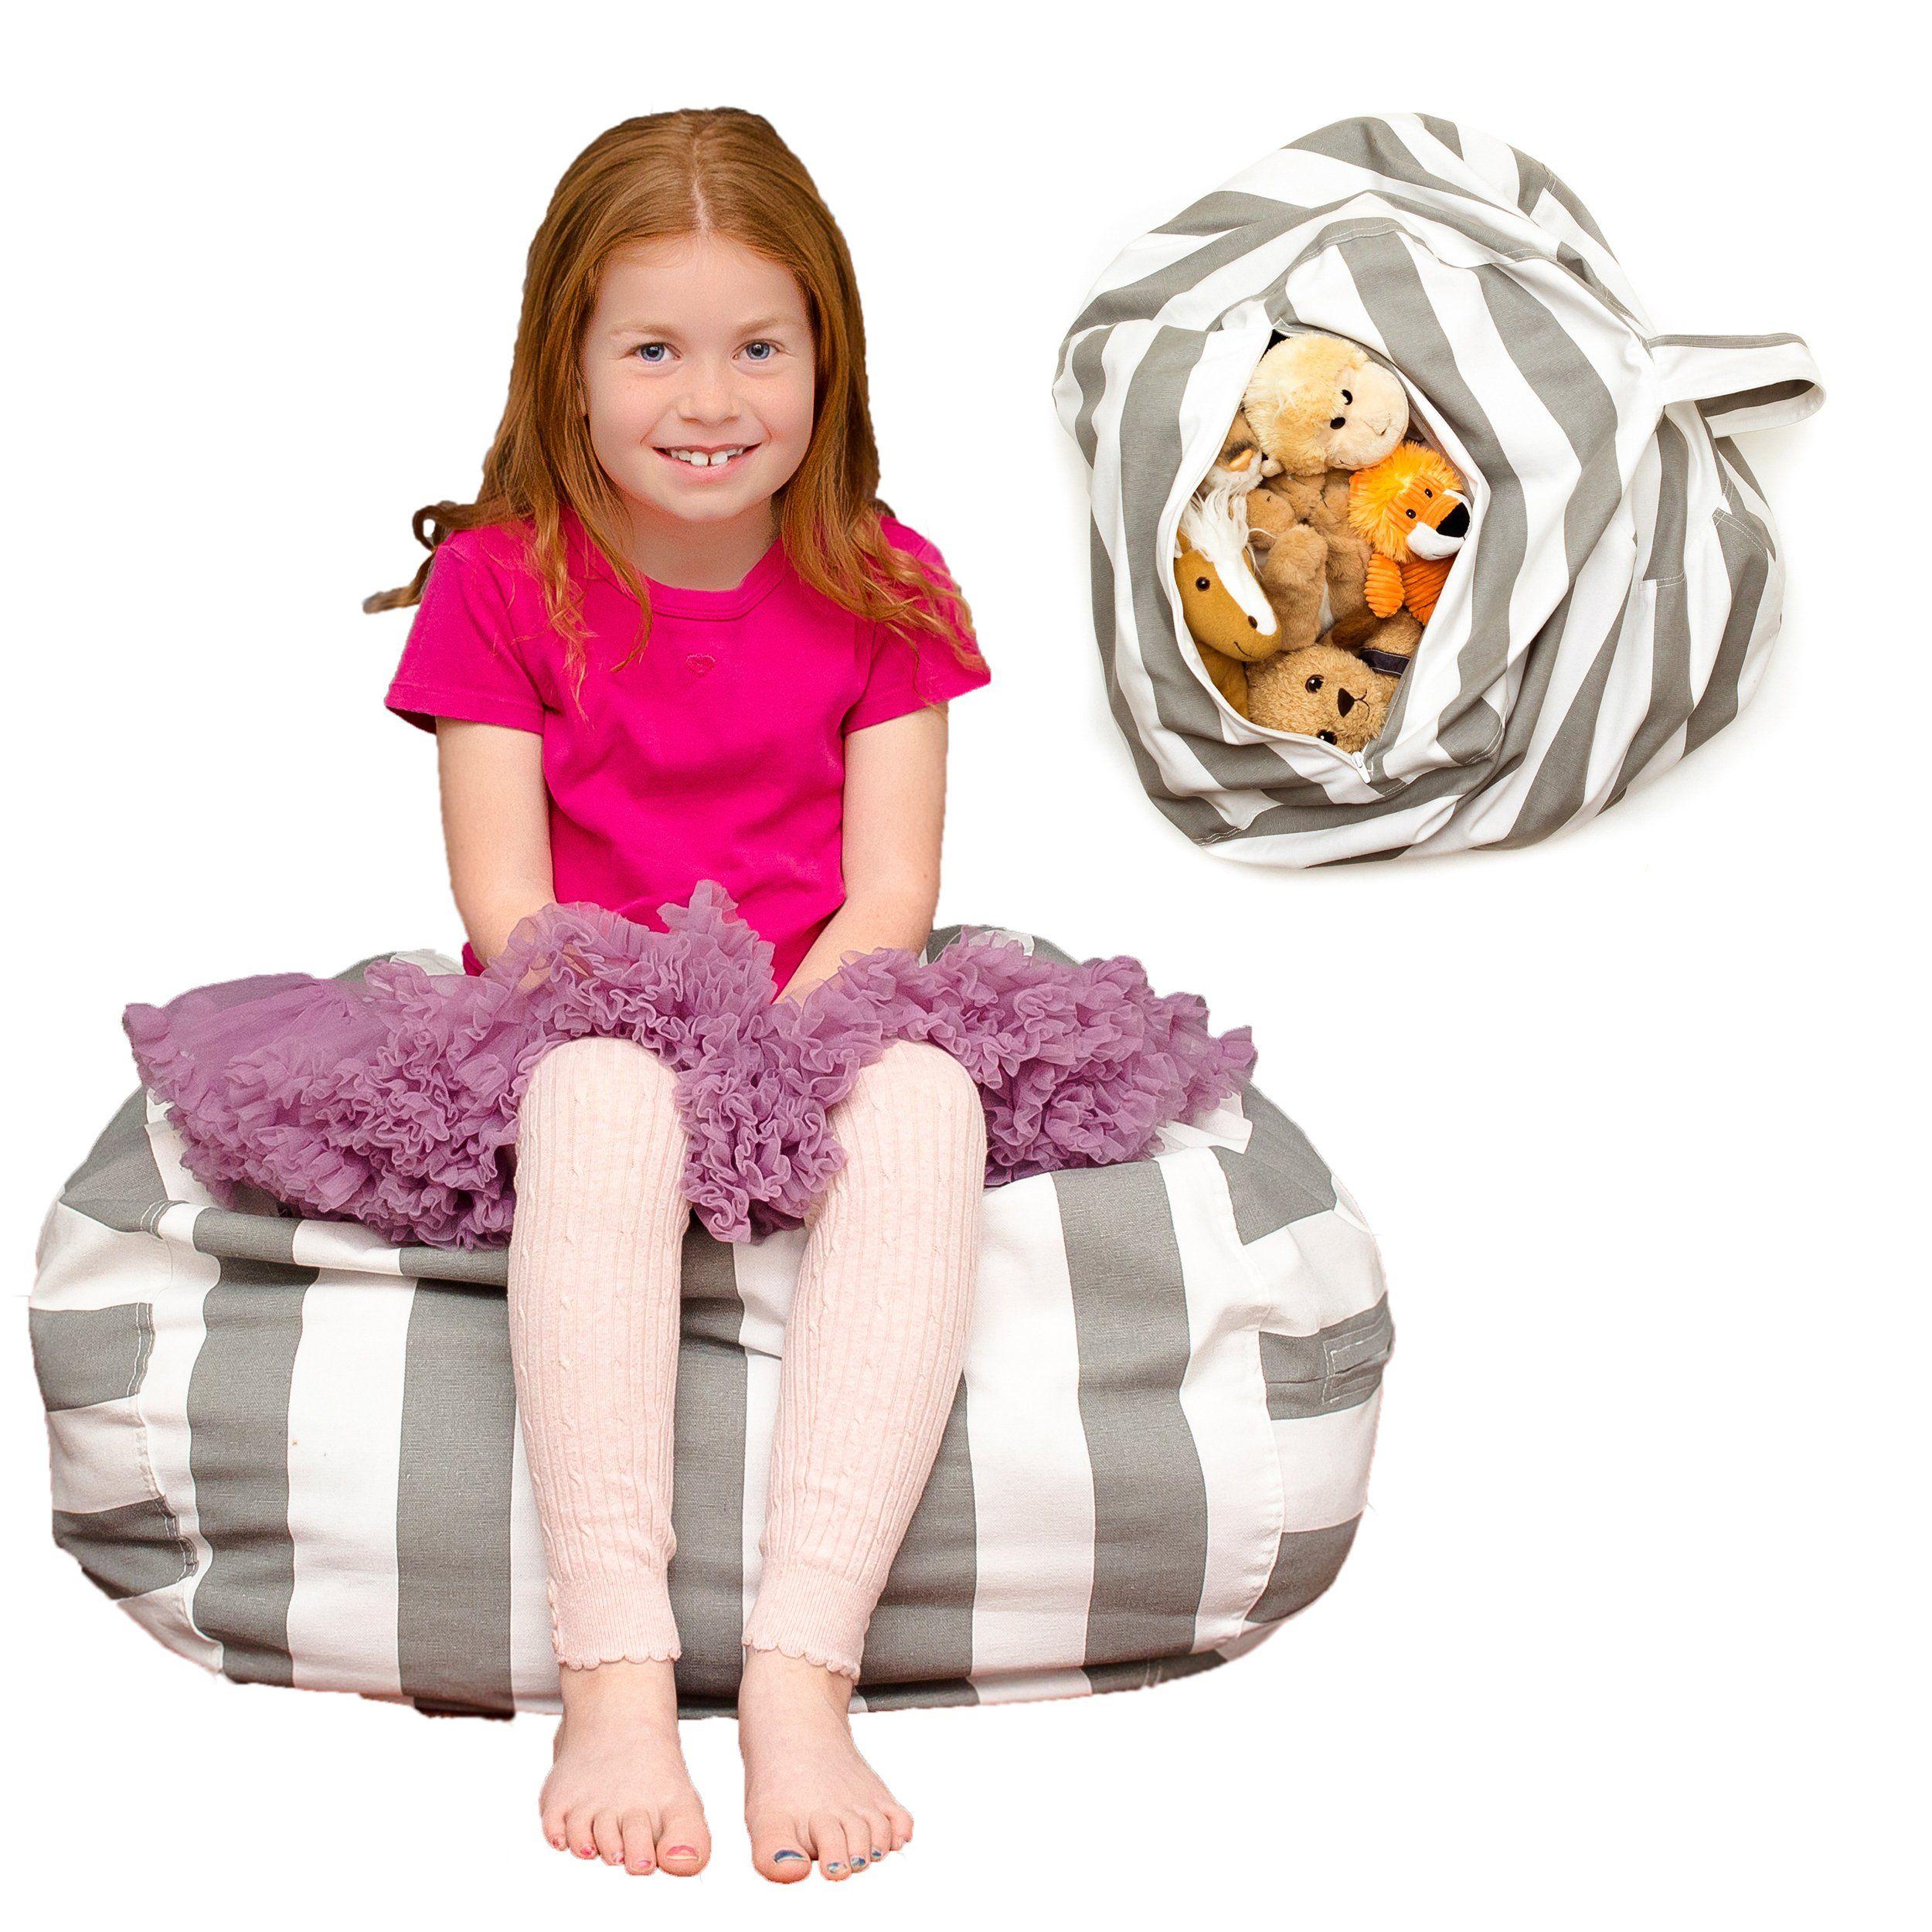 Lonnadi Toy Storage Bean Bag Large Stuffed Animal Storage Bean Bag Chair Multipurpose Home Storage Solution Rea Kids Furniture Toy Storage Kids Furniture